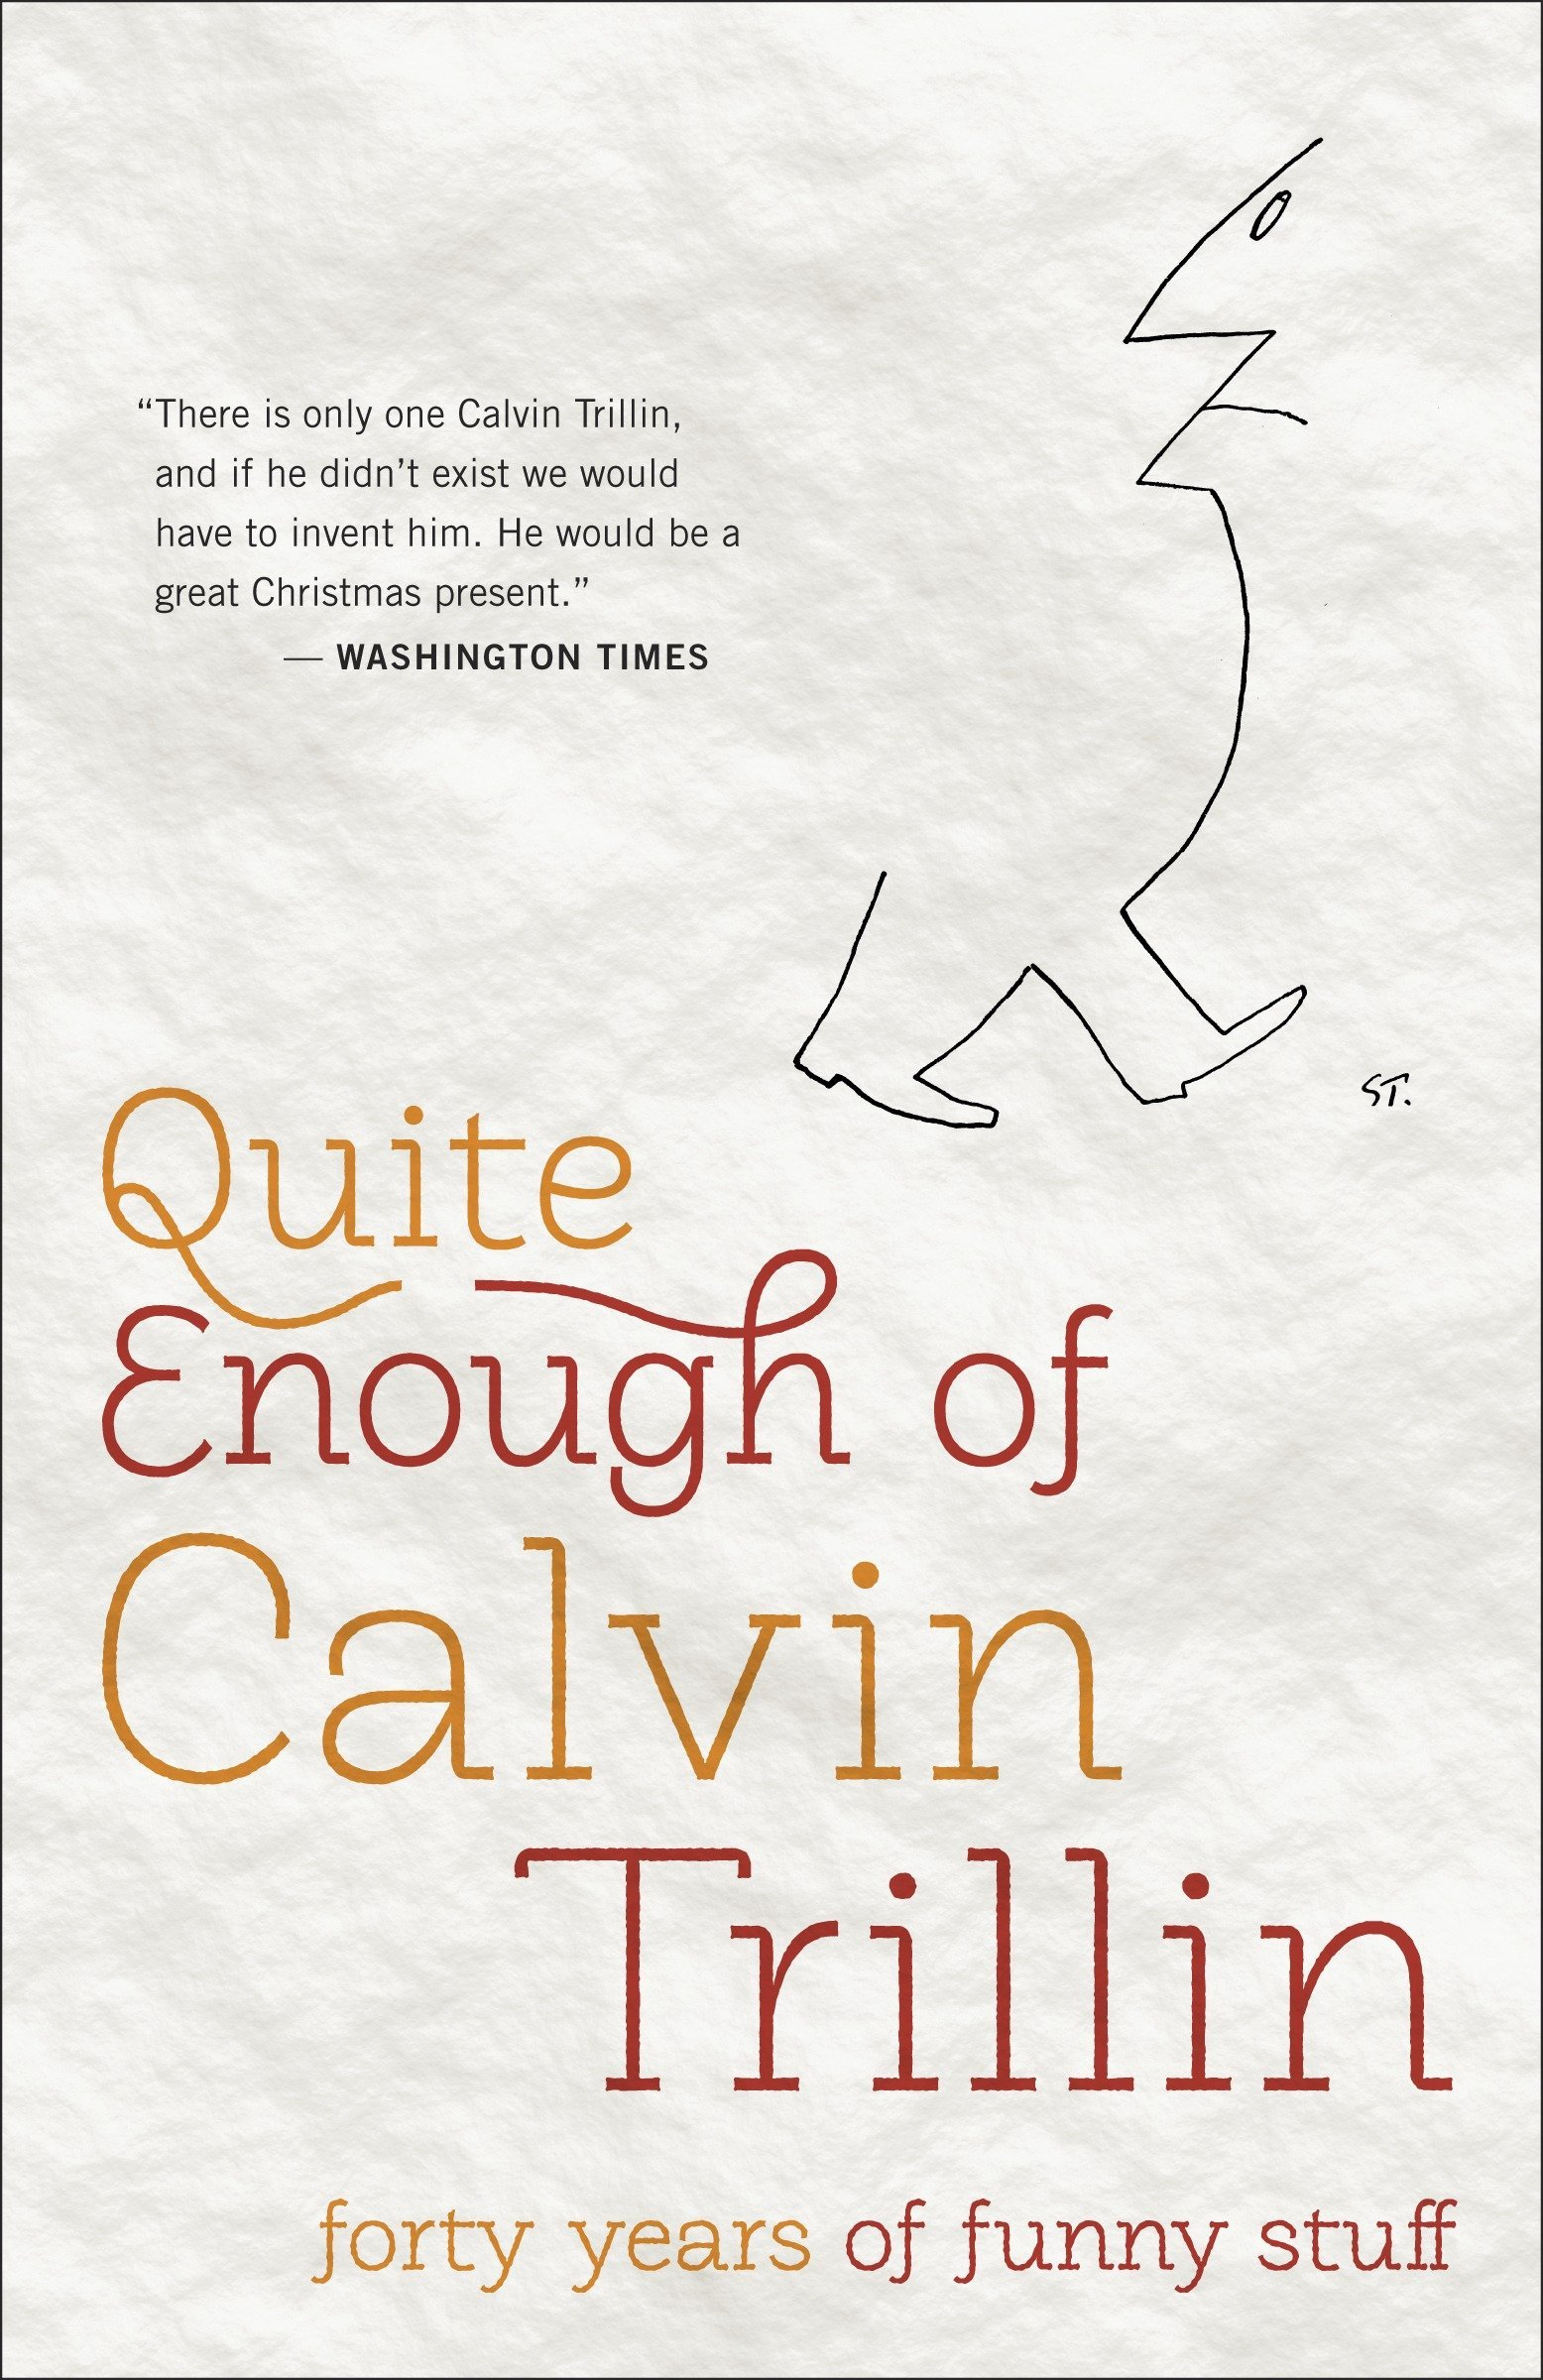 MORE BY CALVIN TRILLIN